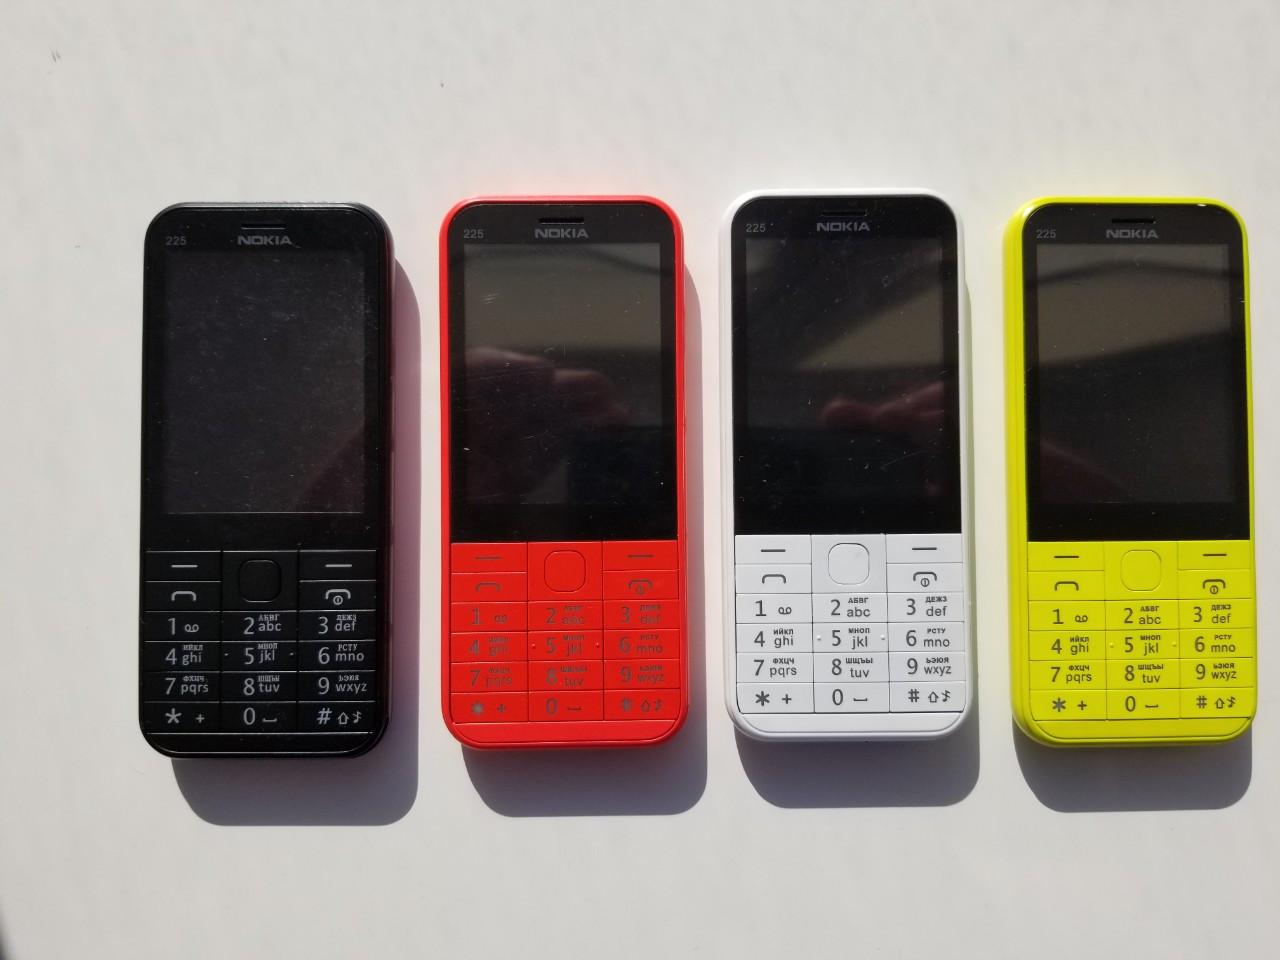 6408a43fd3046 Новые кнопочные телефоны Nokia 225 Duos! Все цвета! Отправка! - Интернет  магазин